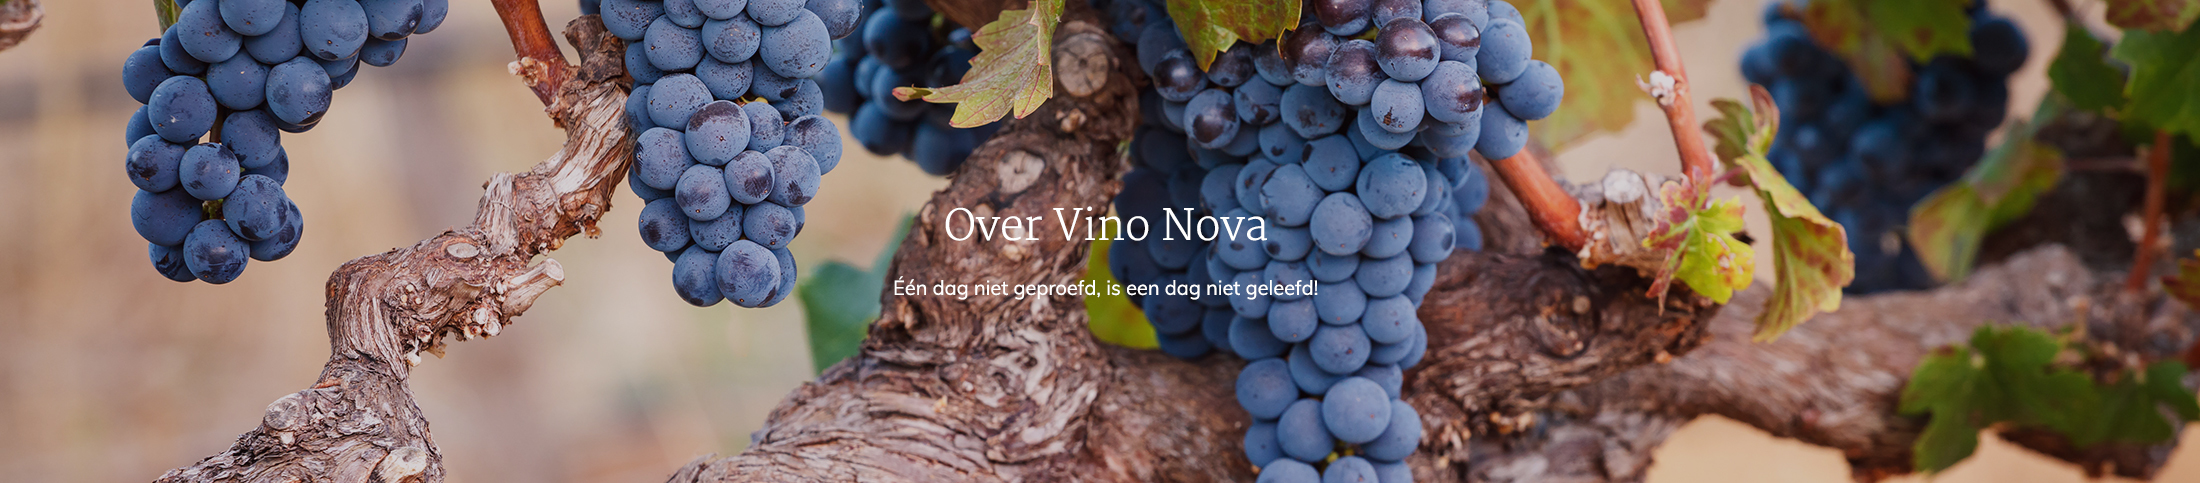 Over Vino Nova